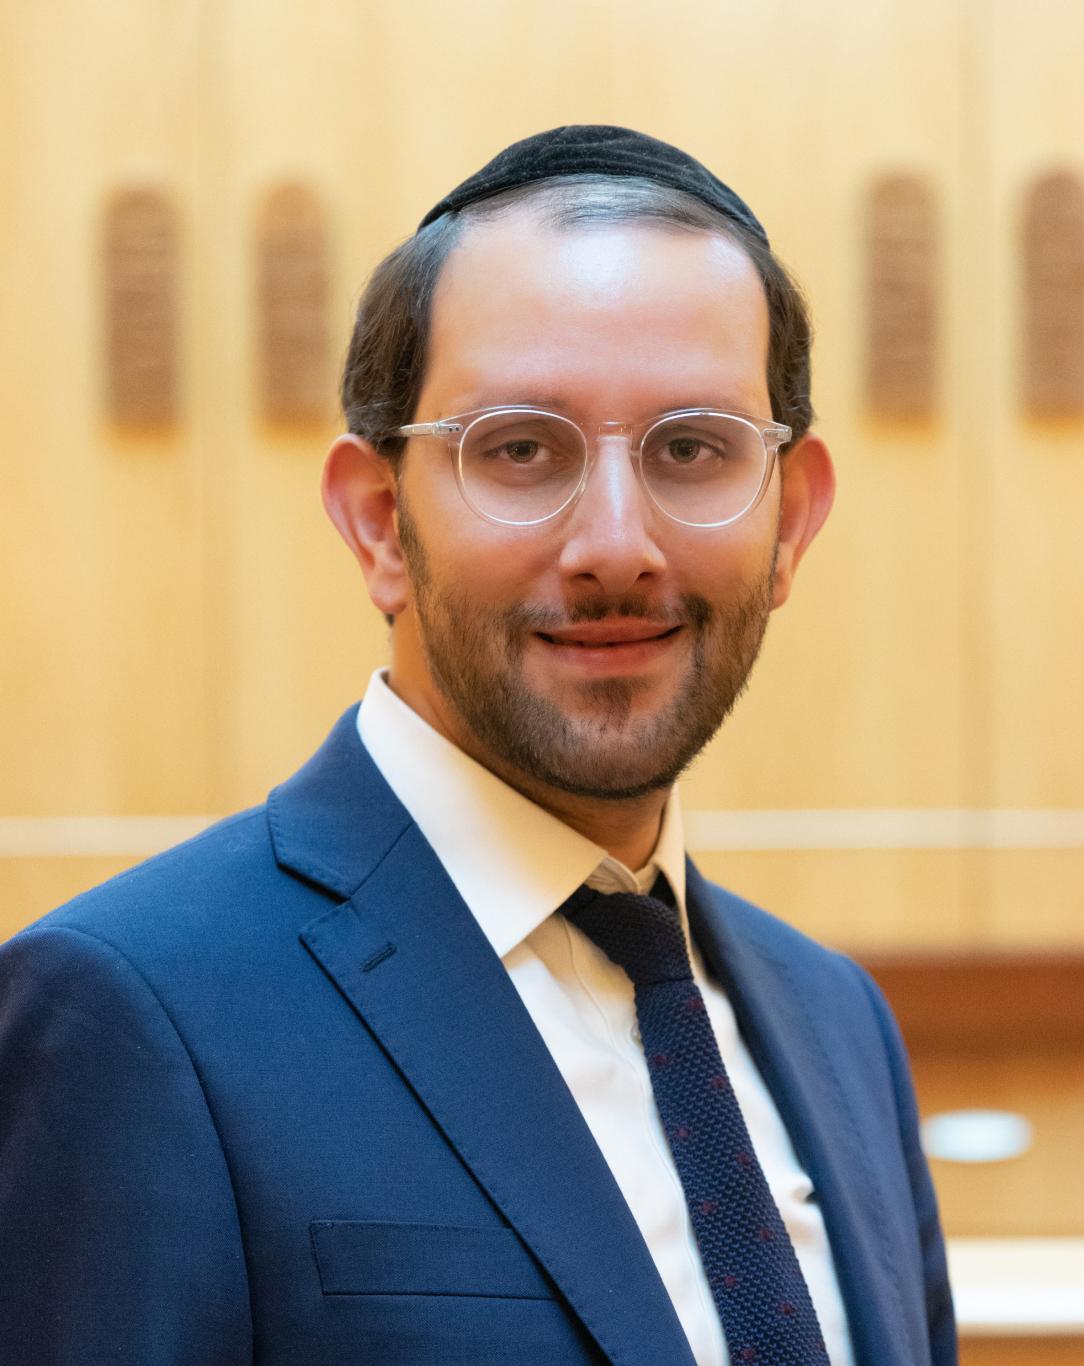 Rabbi Shlomo Gabay